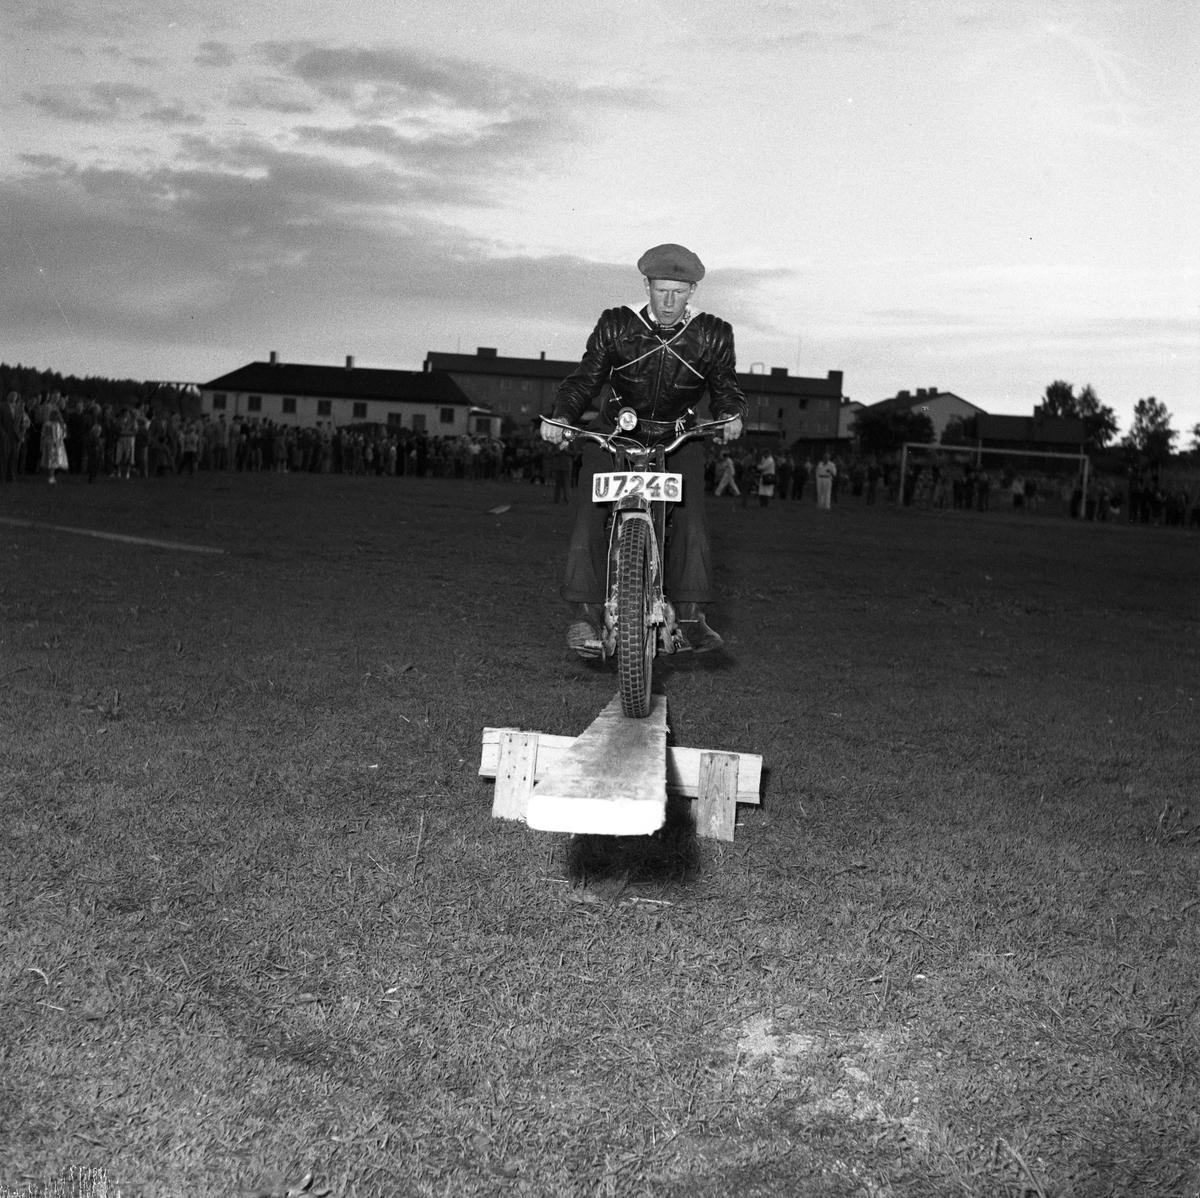 Arbogas Stjärnknutte tävling. Balansövning med motorcykel på lutande bräda Bilden ser ut att vara tagen på en fotbollsplan, på kvällen. En stor publik tittar på.